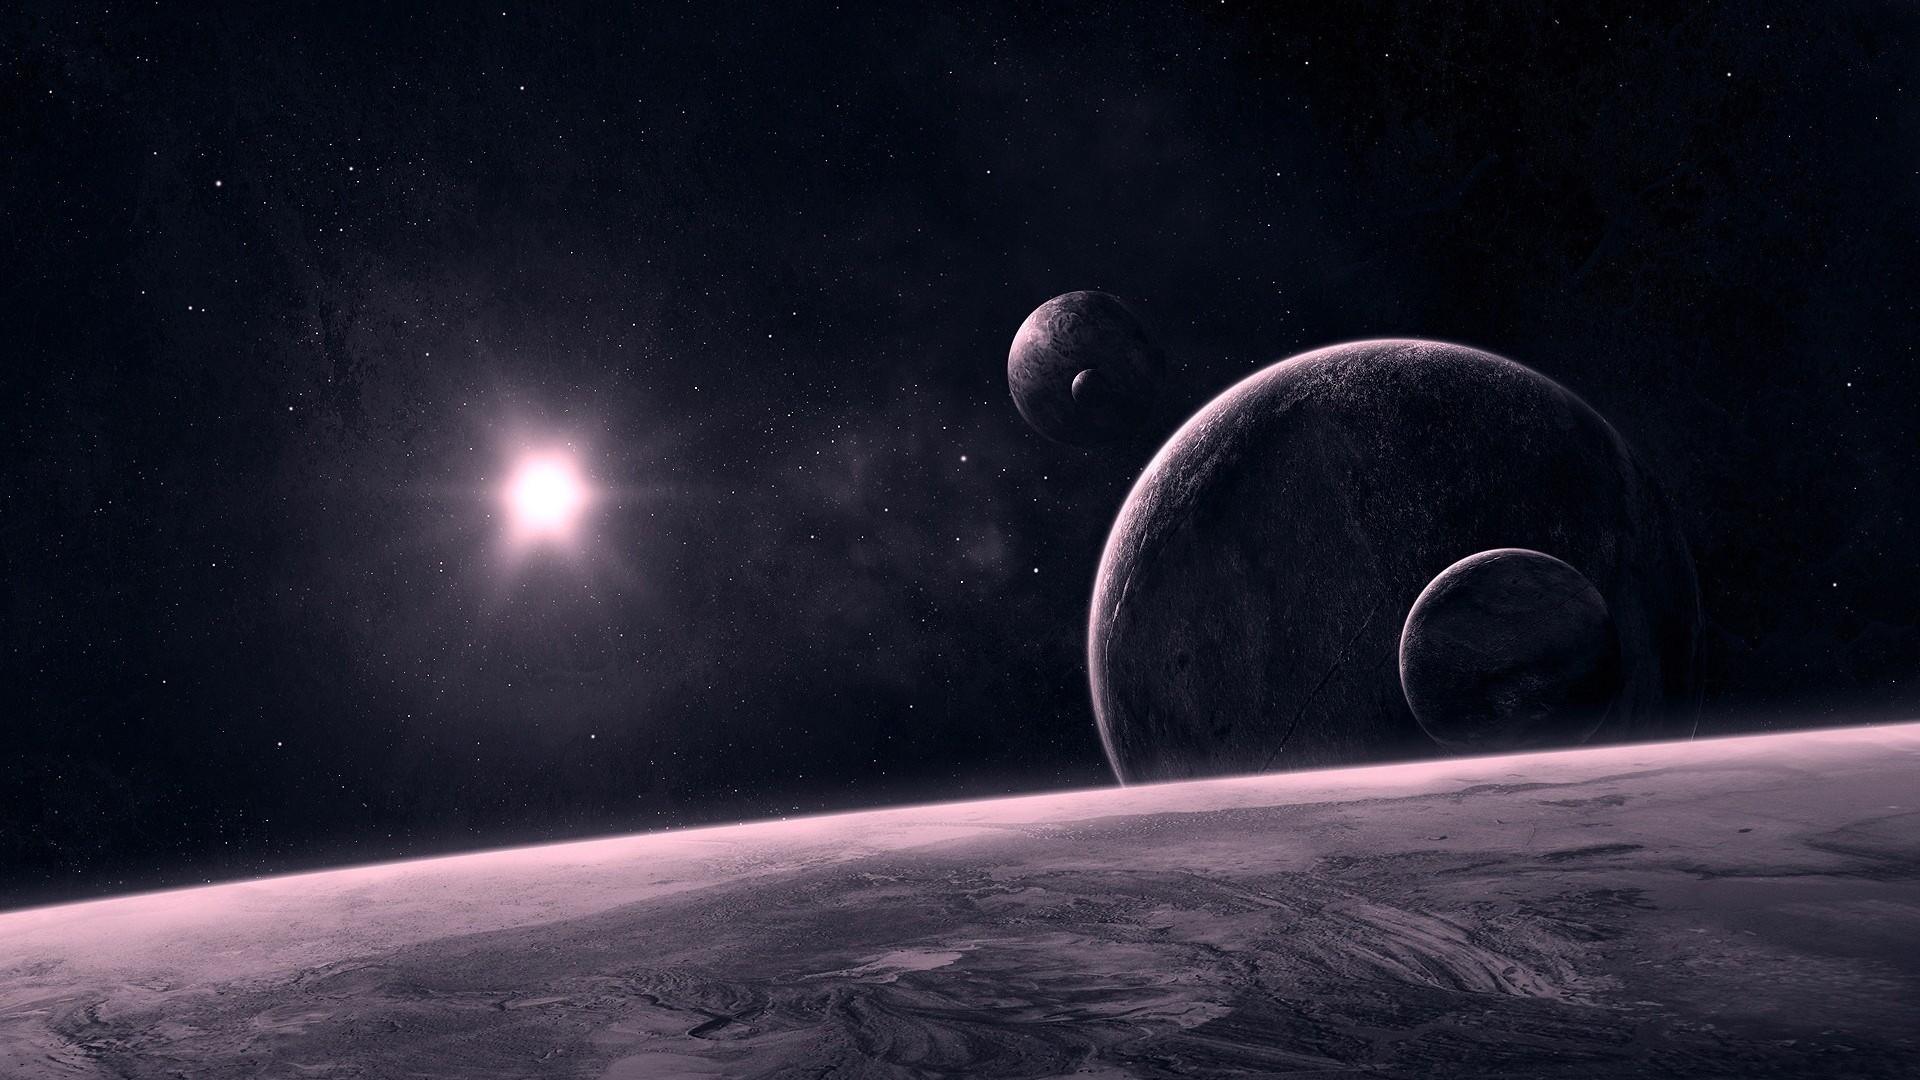 46478 скачать обои Фэнтези, Планеты, Космос - заставки и картинки бесплатно